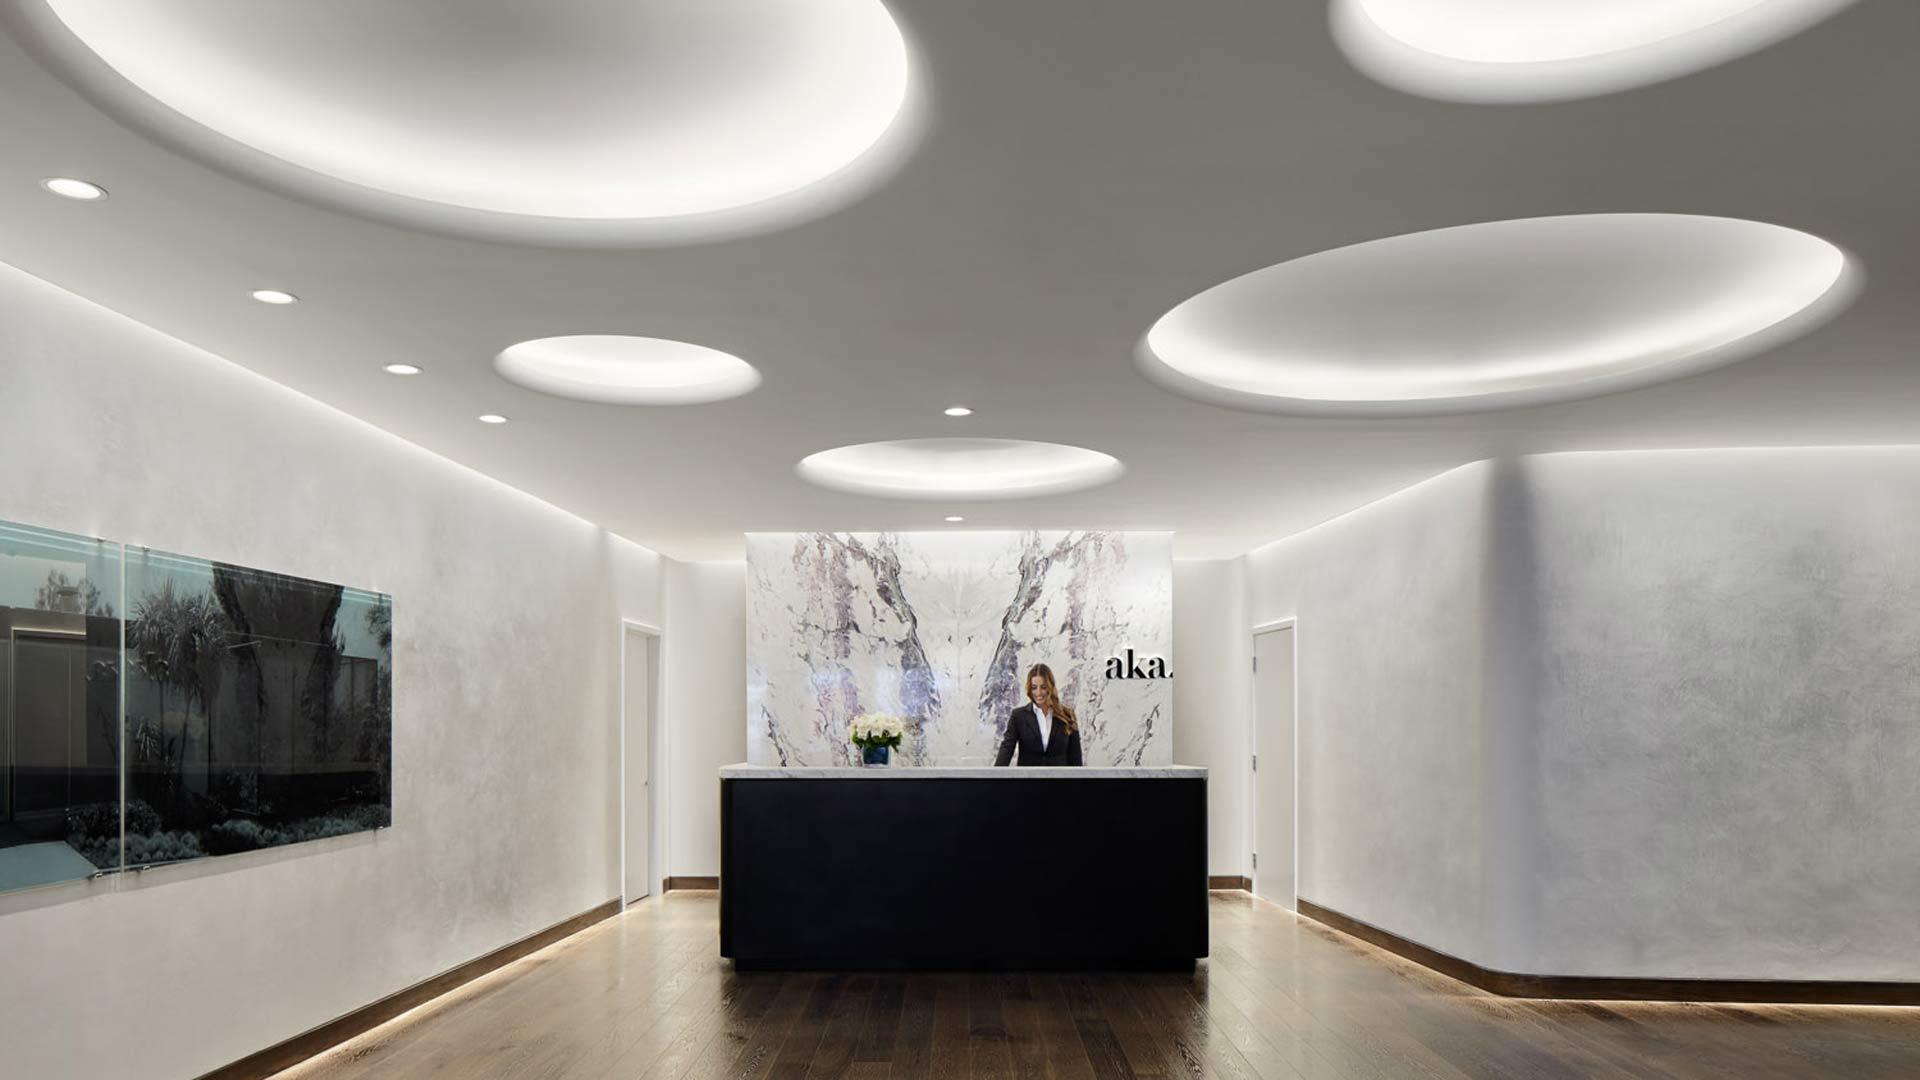 Oculus Light Studio | An architectural lighting design firm